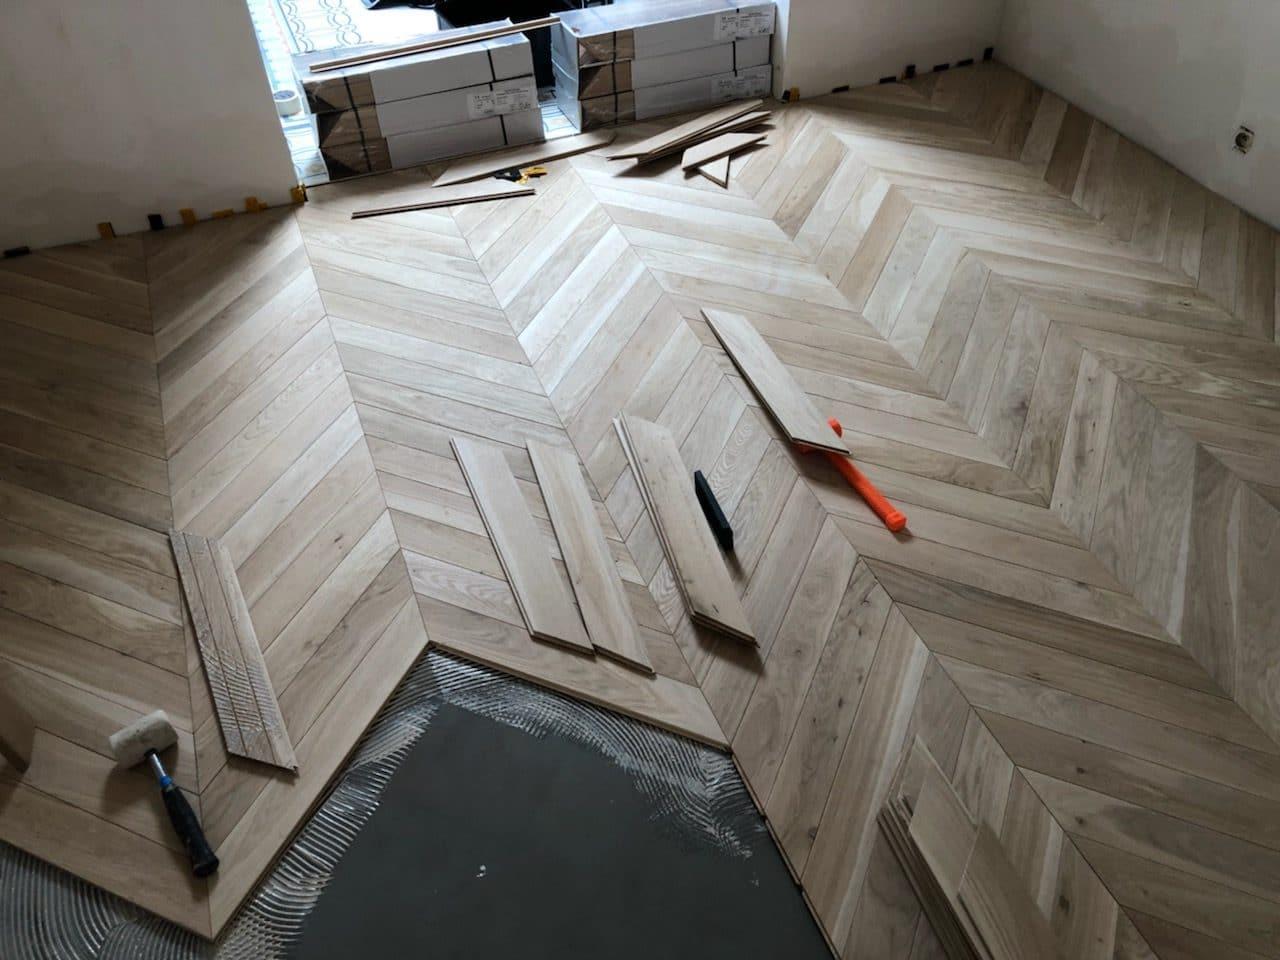 rénovation intérieure d'une maison à Lille